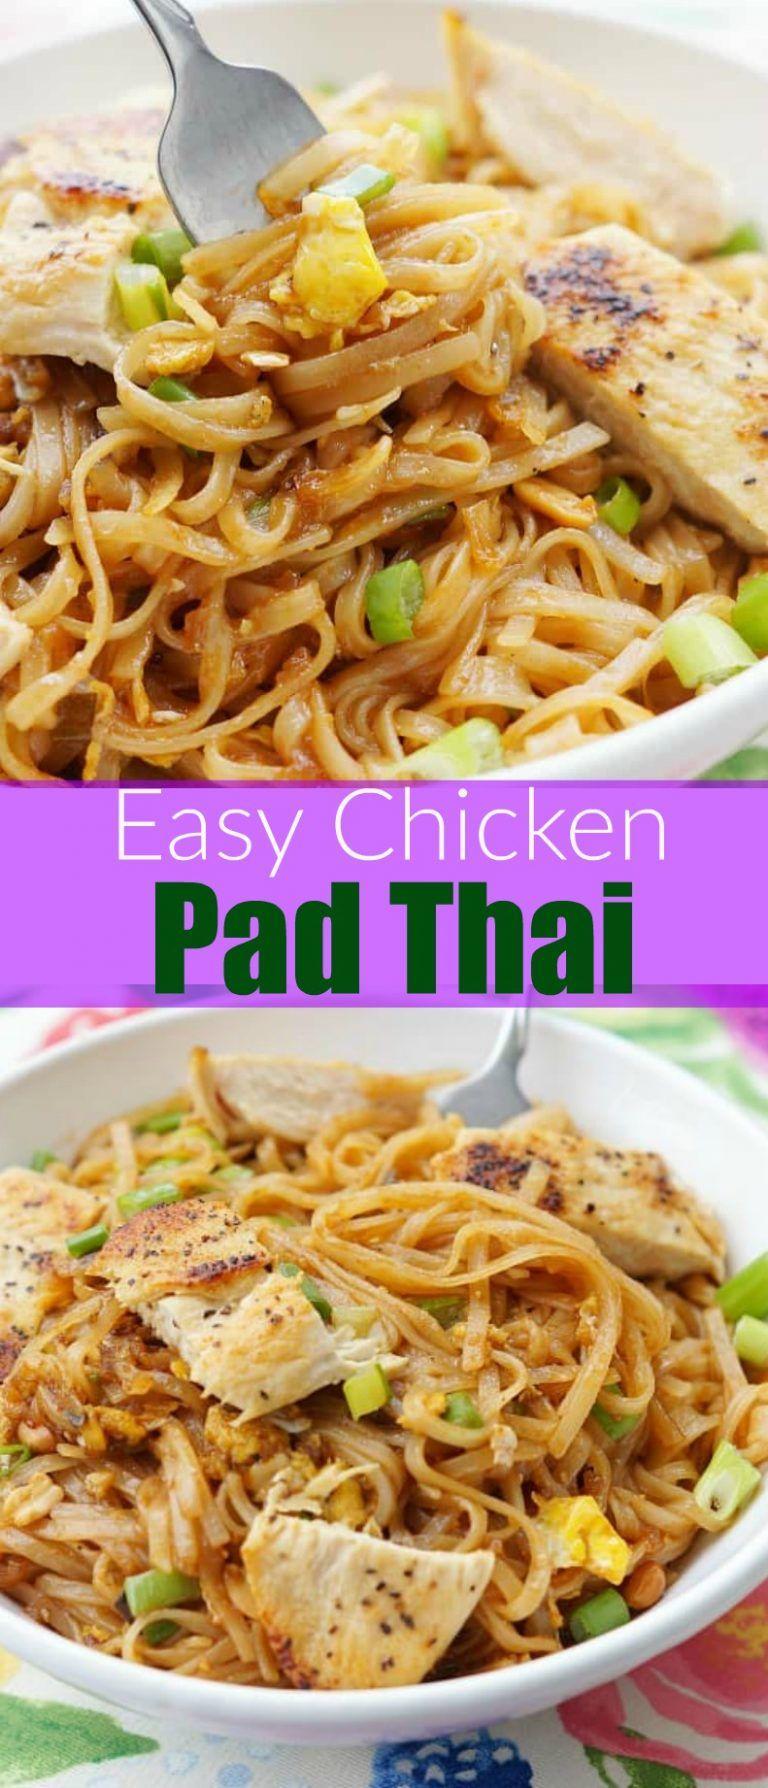 Easy chicken pad thai recipe food recipes healthy pad